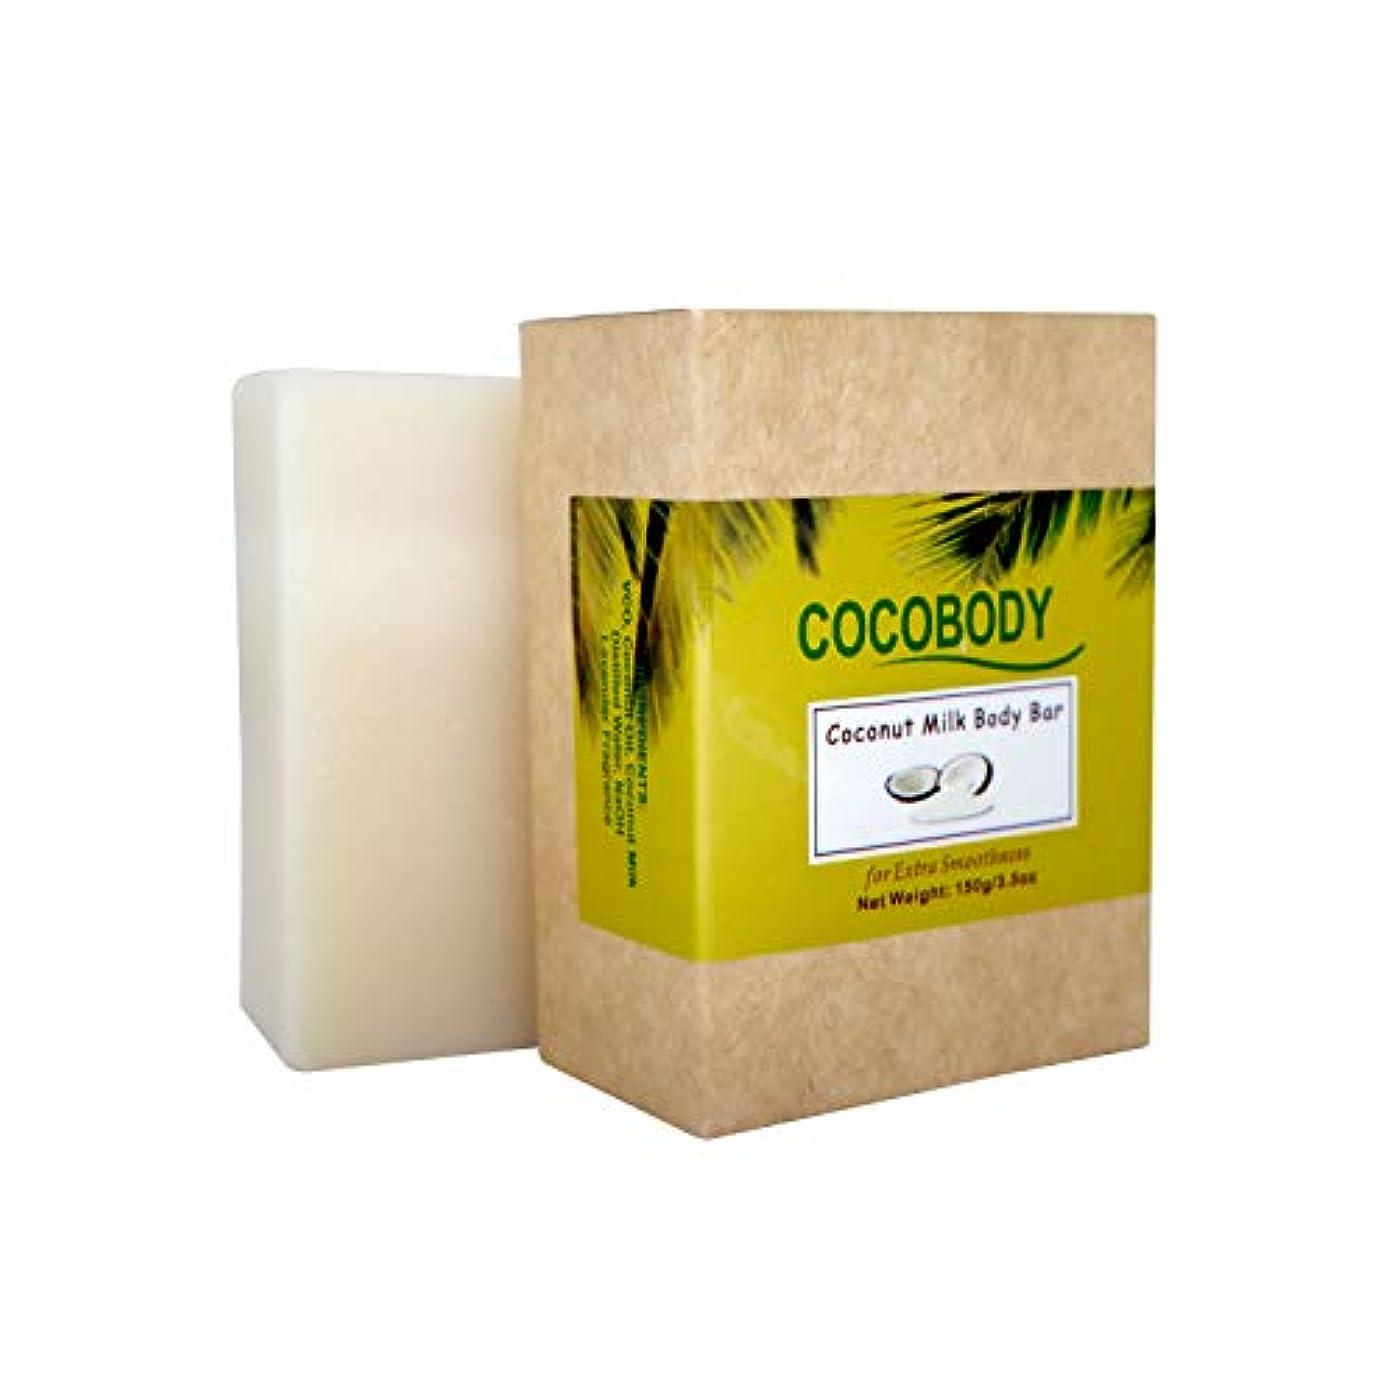 沼地ブラザー白菜COCOBODY, ココボディ ハンドクラフト?オーガニックバージンココナッツオイル石鹸 ココミルク 150g (自然派、ボタニカル) 【メーカー正規直販品】